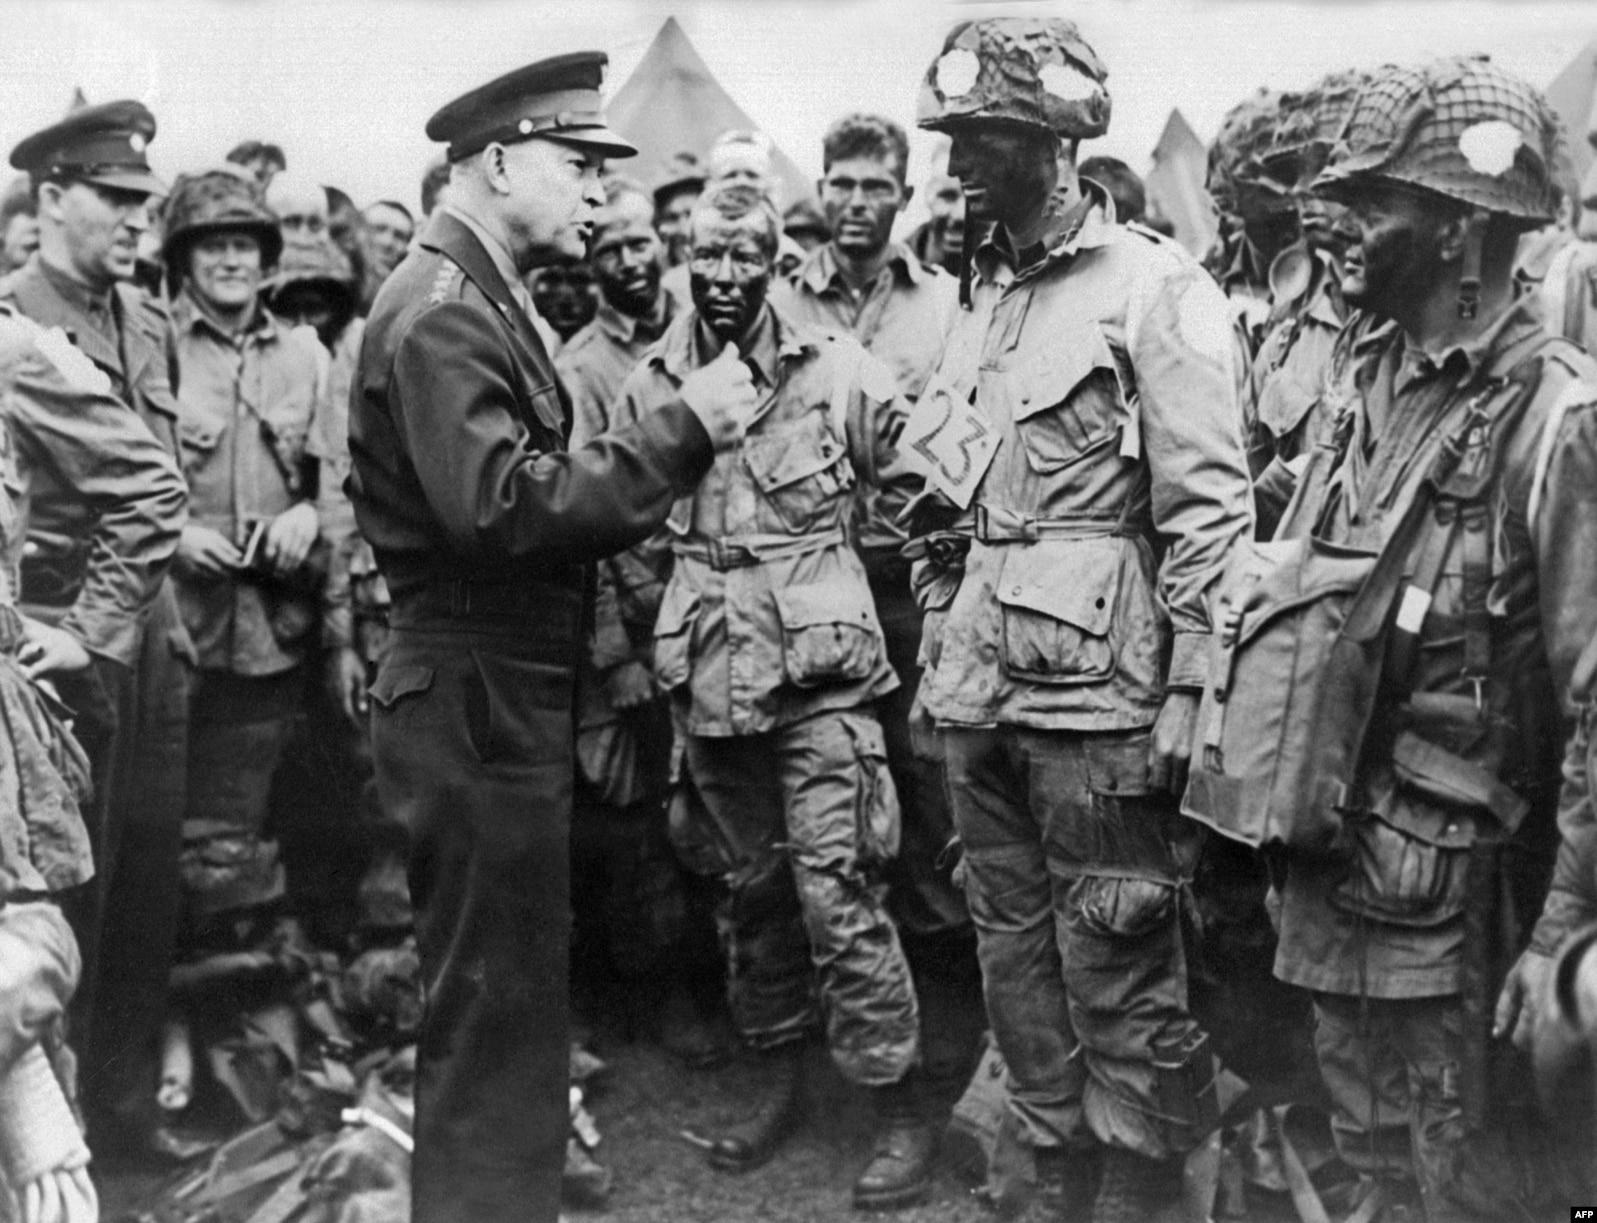 Генерал Дуайт Эйзенхауэр, верховный главнокомандующий Союзными экспедиционными силами в Европе и будущий президент США, общается с парашютистами